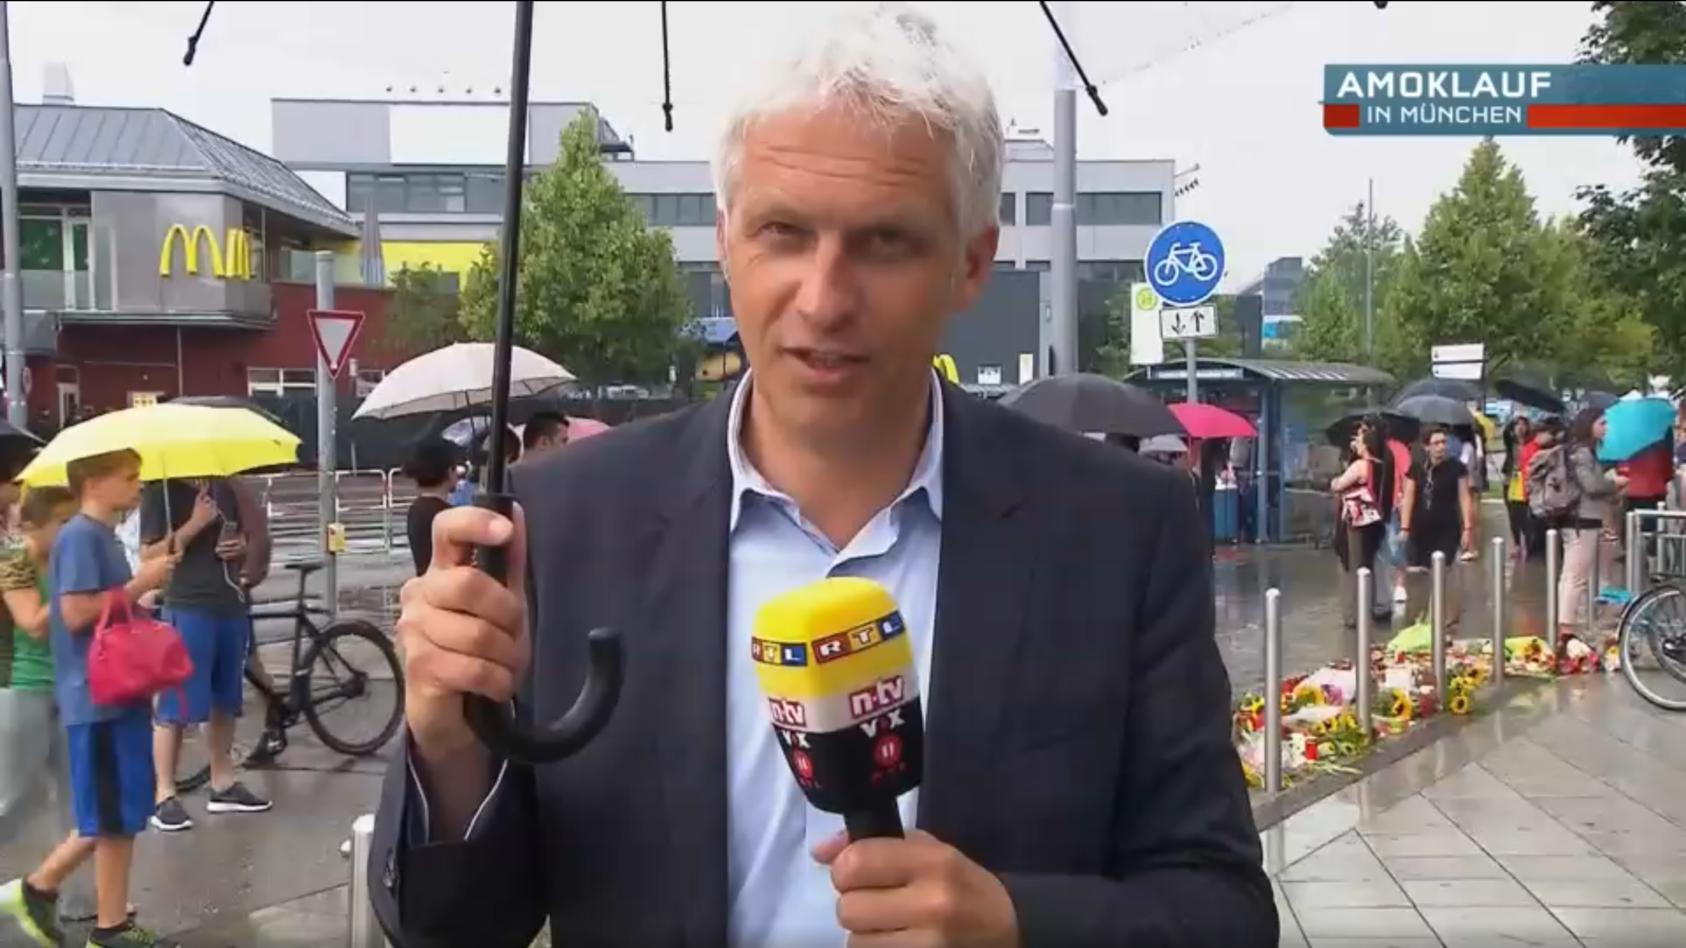 RTL-Reporter Christof Lang berichtete am 22.7.2016 aus München als einer der ersten Journalisten über den Amoklauf im Olympiaeinkaufszentrum.